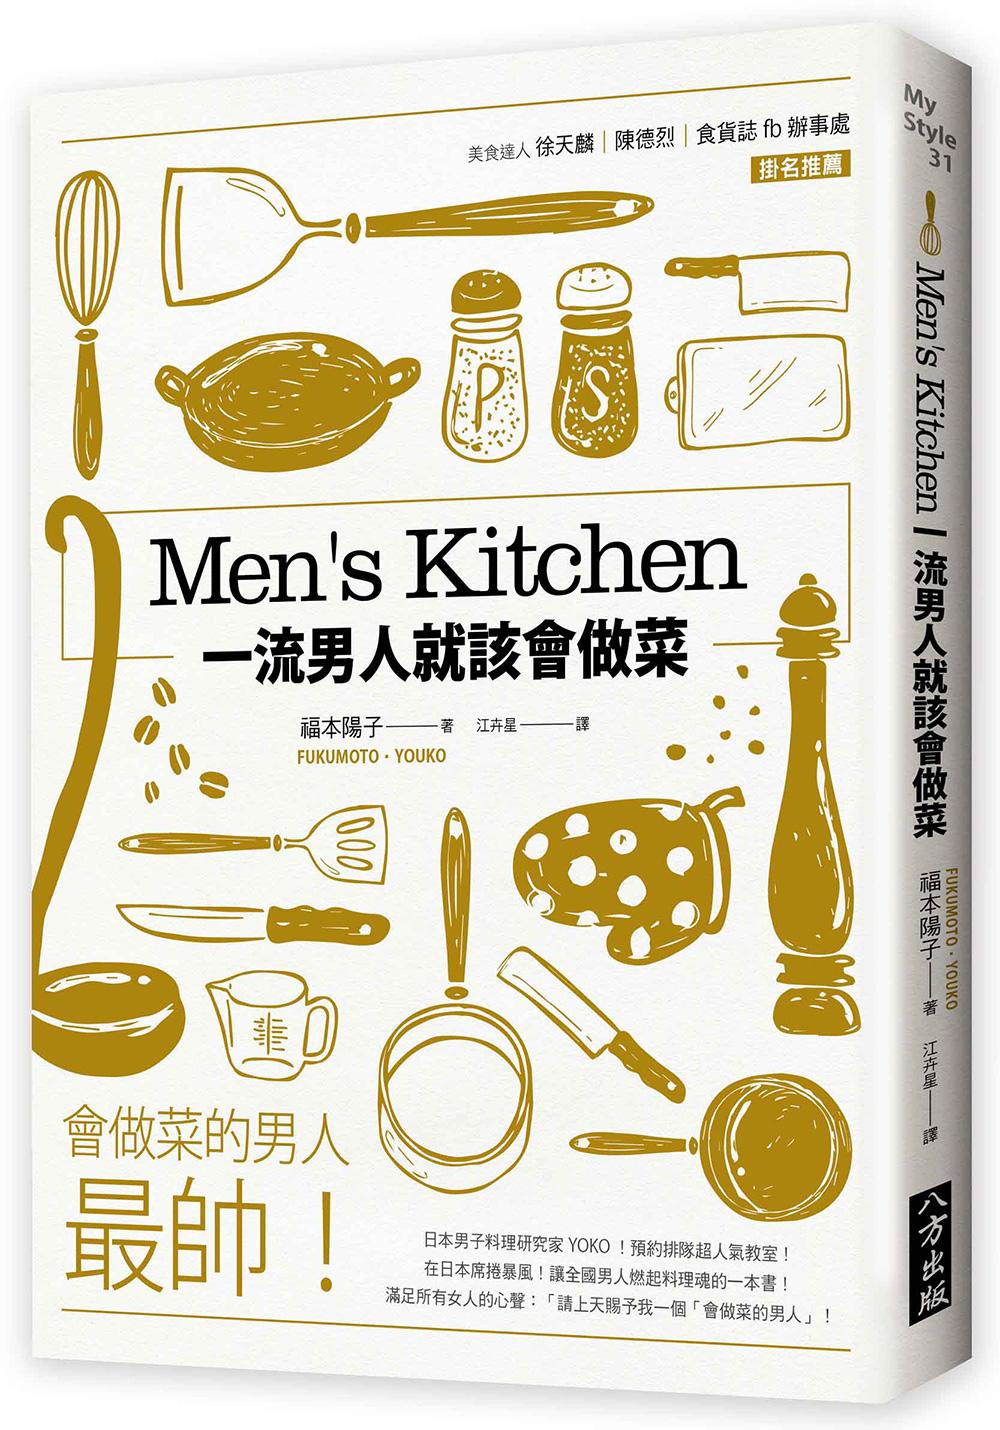 ◤博客來BOOKS◢ 暢銷書榜《推薦》Men's Kitchen 一流男人就該會做菜